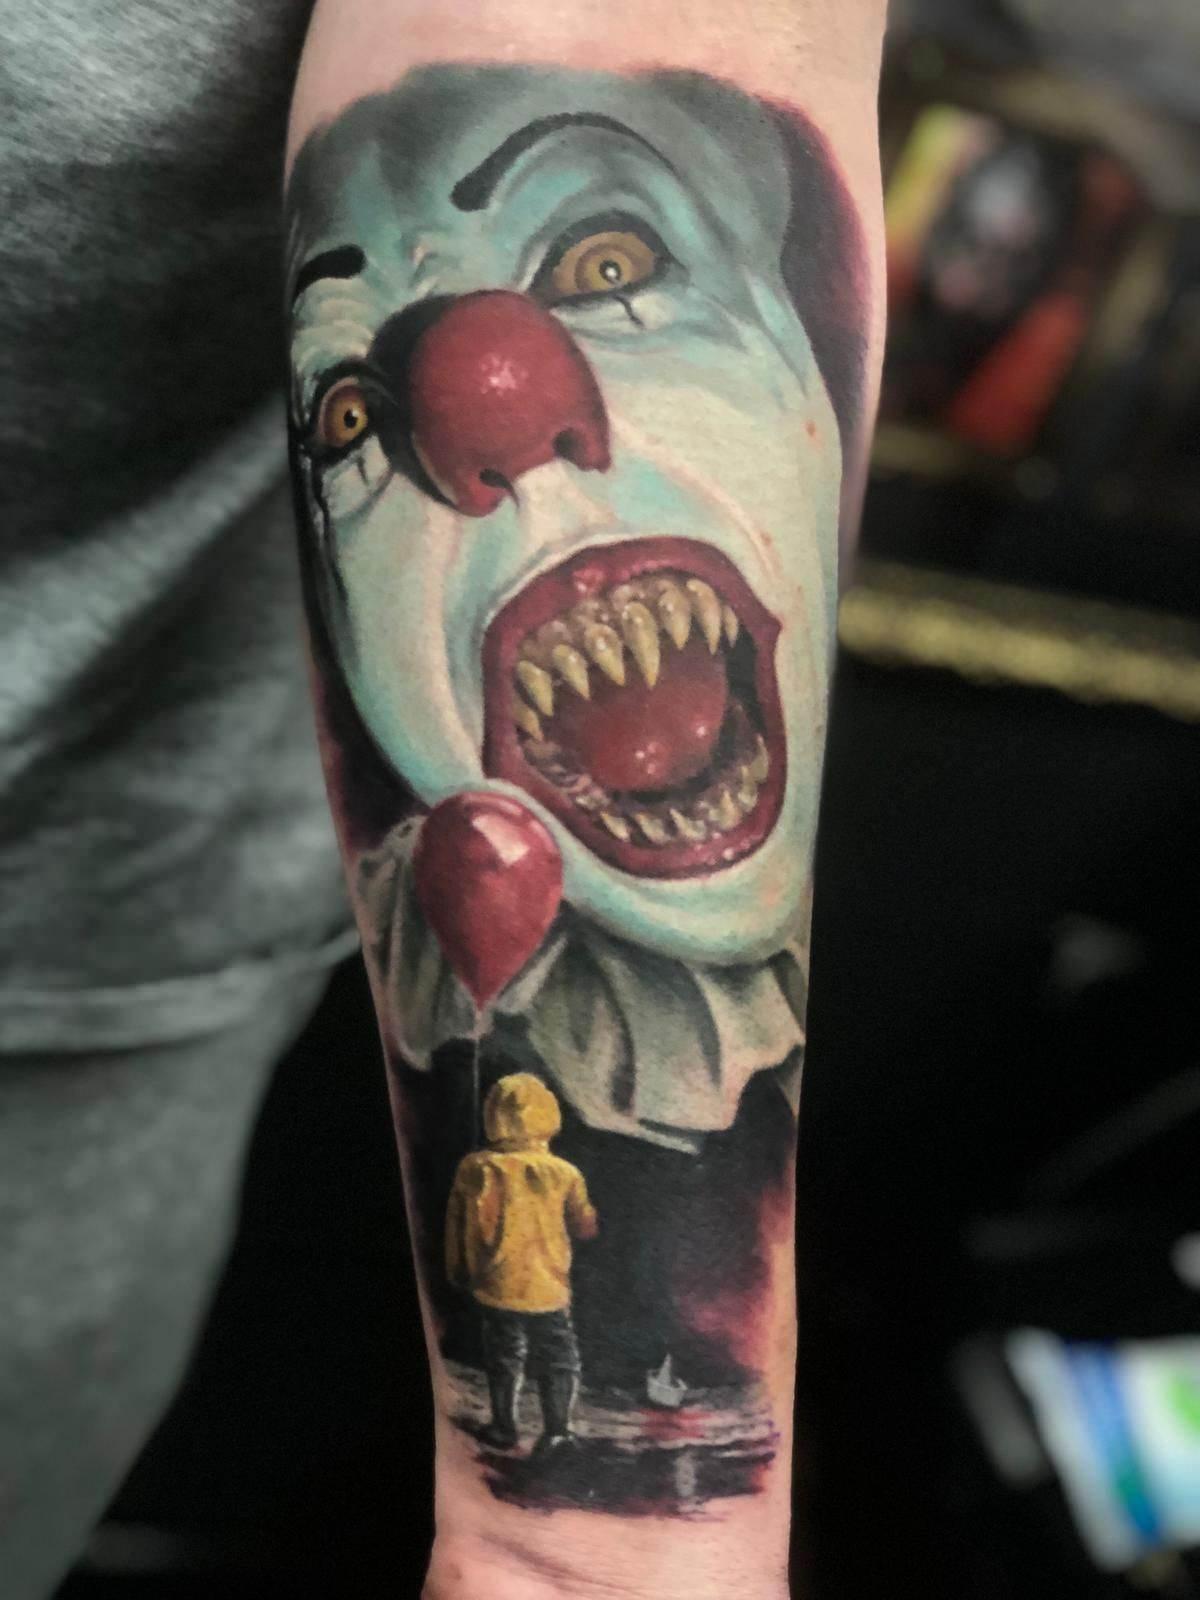 Palhaço retrô tatuado no braço